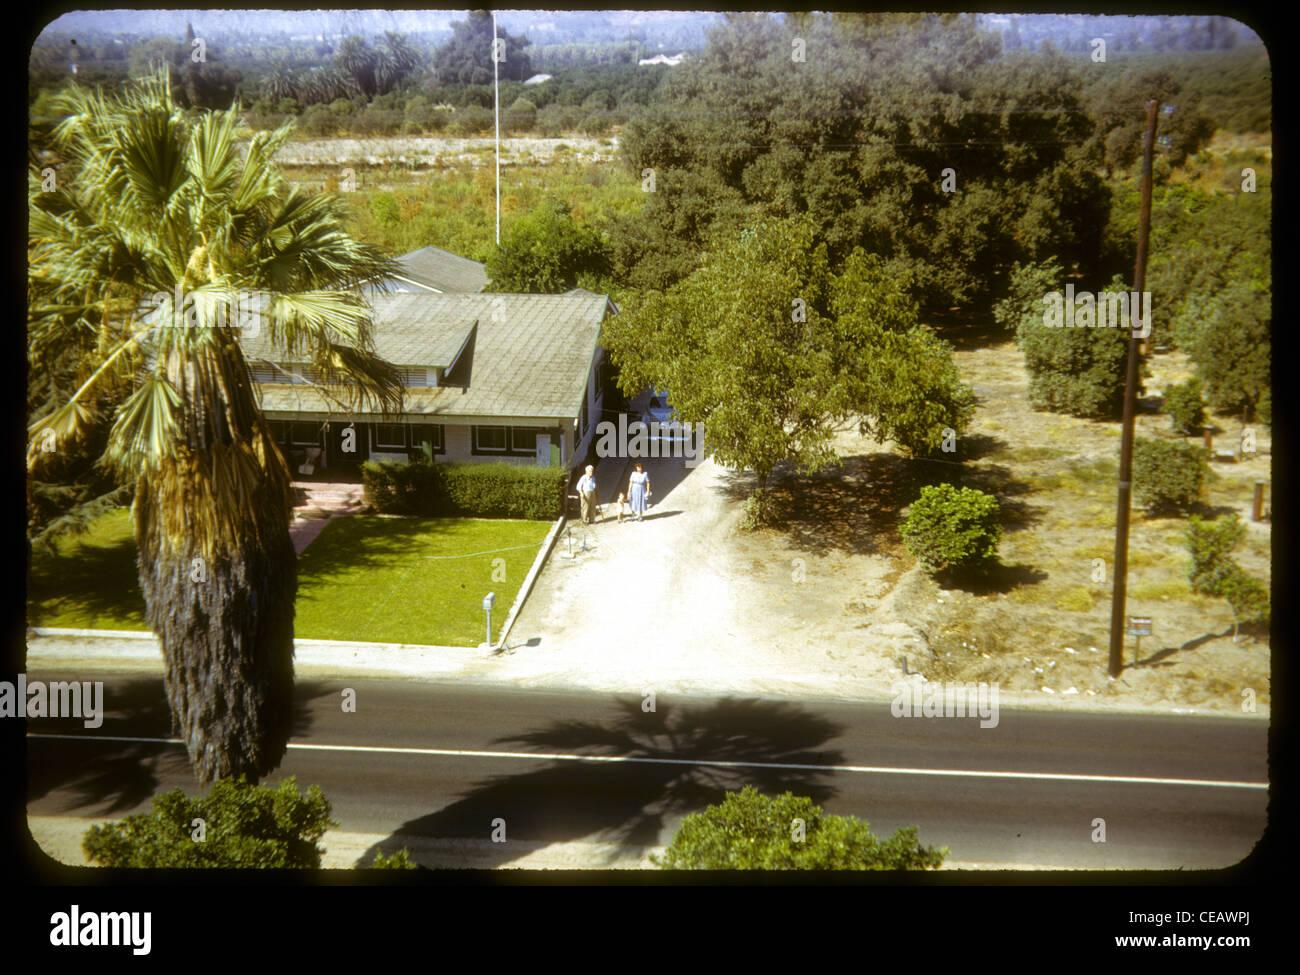 Farm house Covina Californie 1950 los angeles Azuza palmier agriculture rural sous-développé azusa Photo Stock